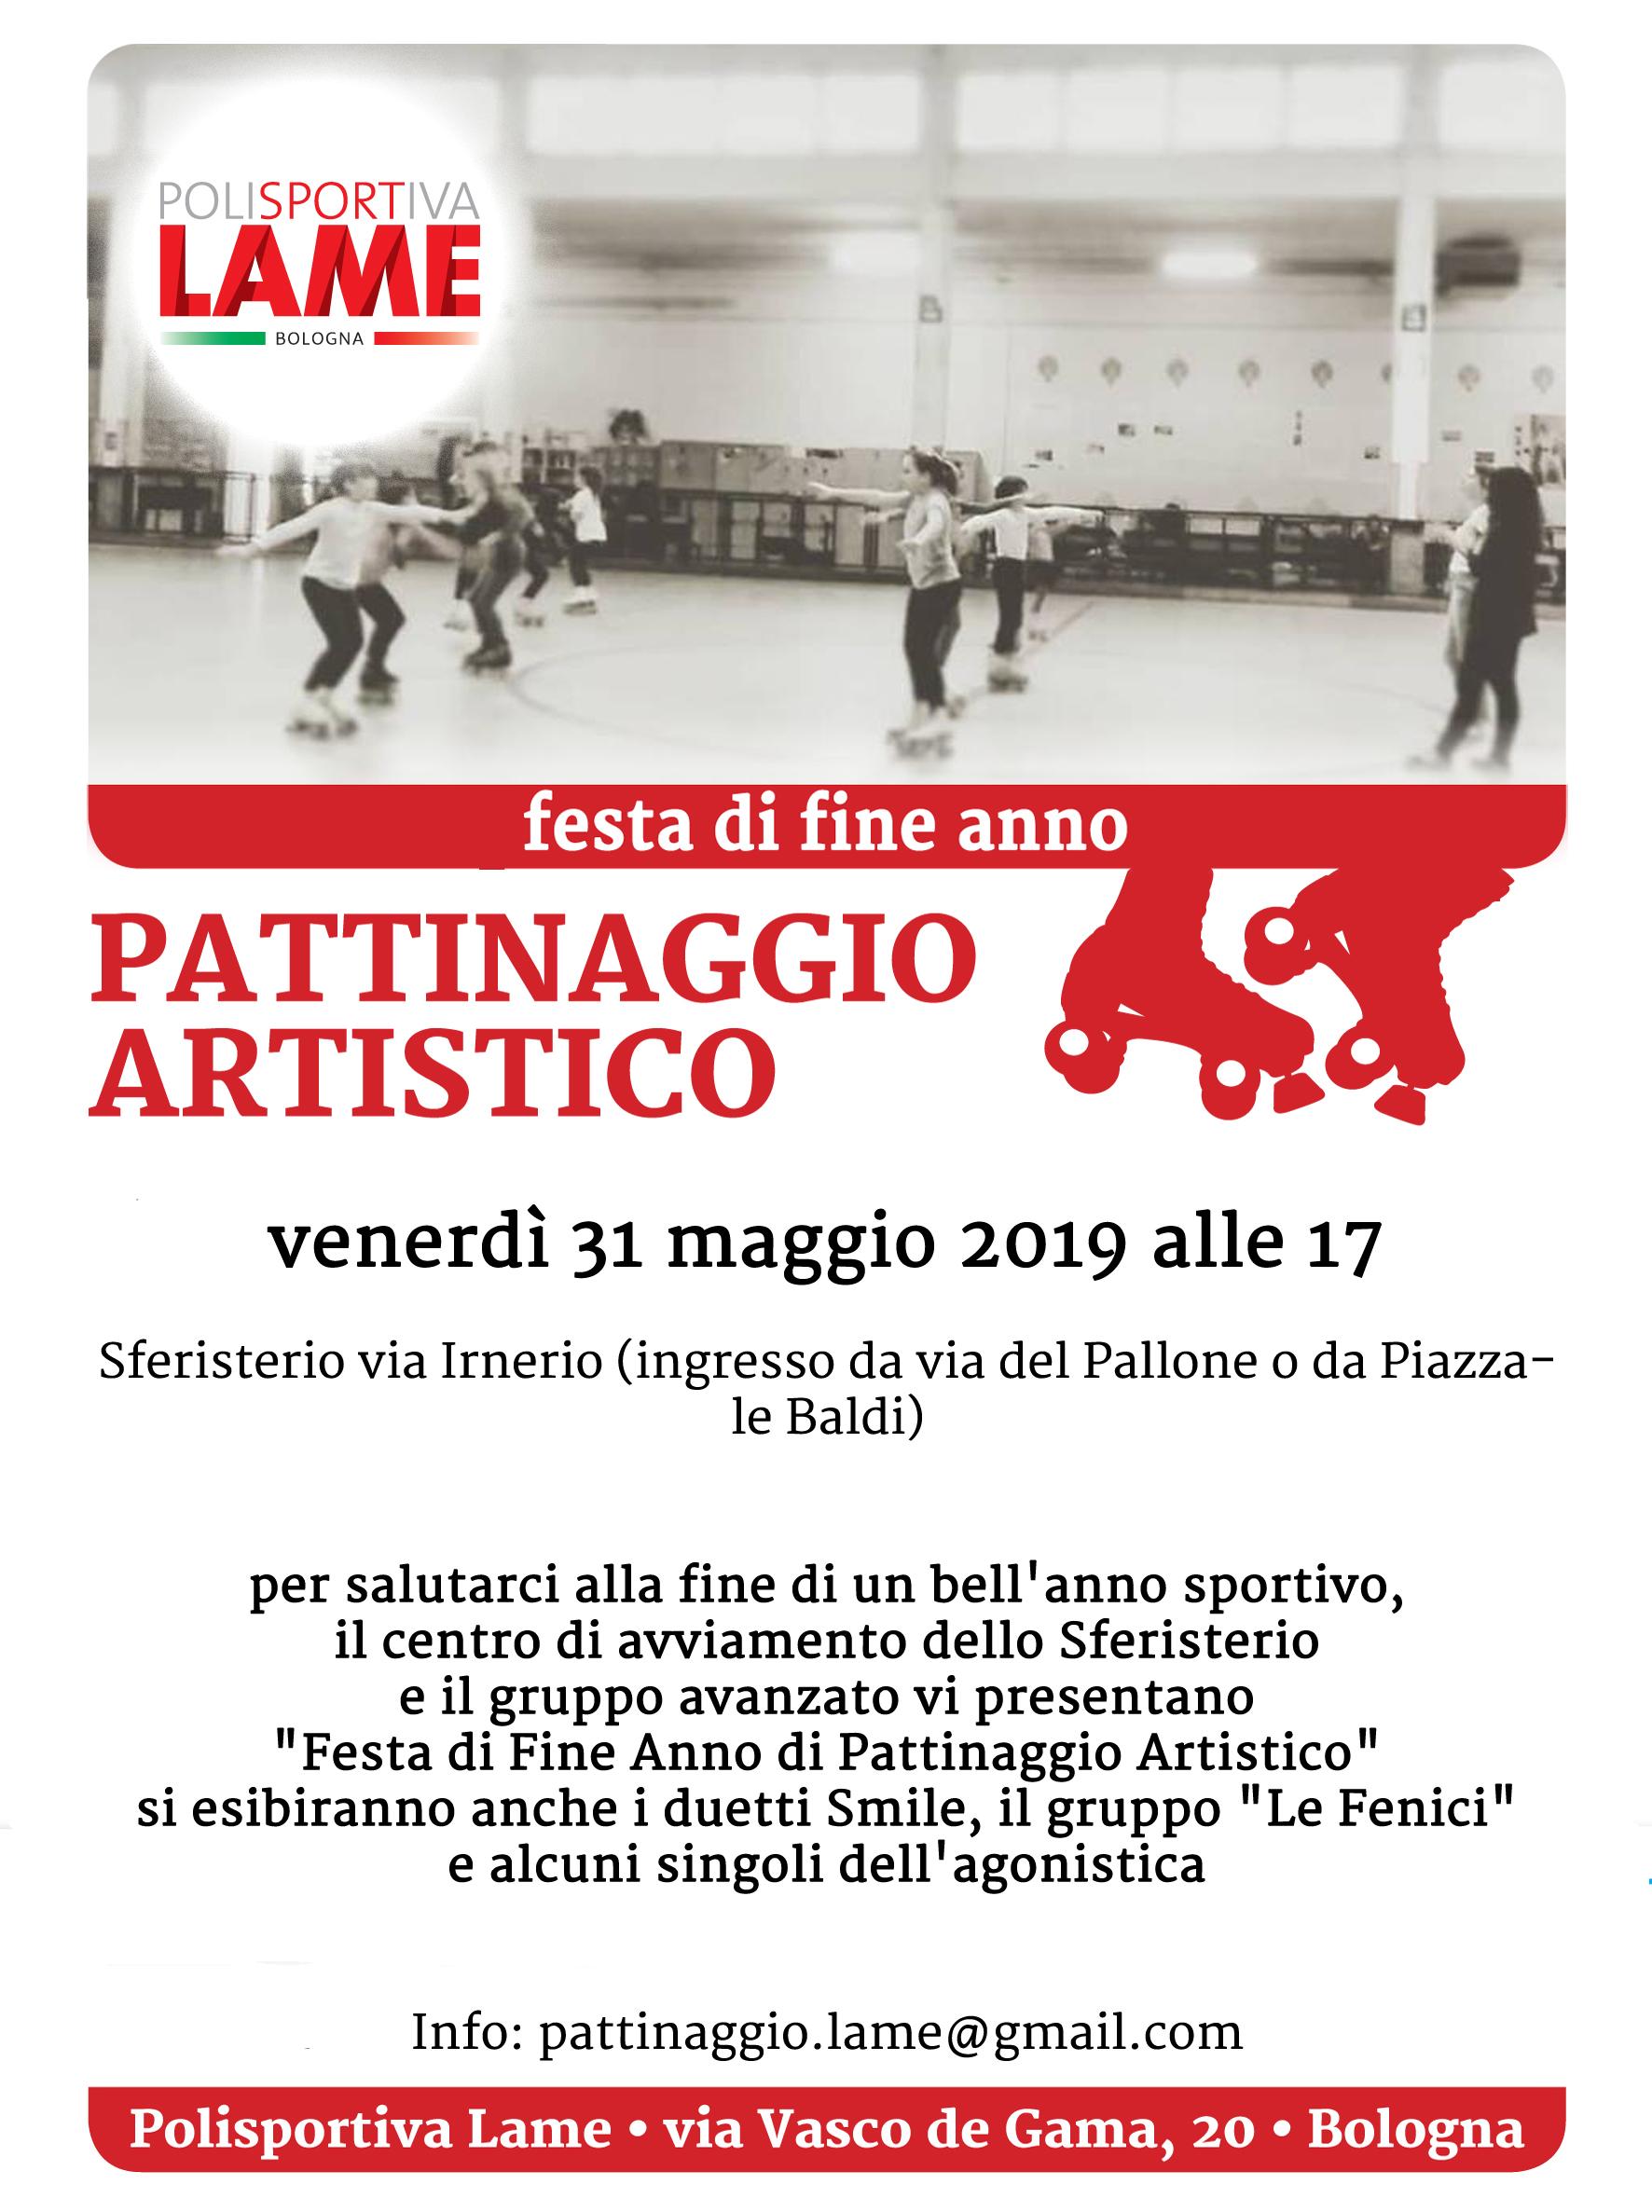 Uisp Pattinaggio Artistico Calendario Gare.Polisportiva Lame Pattinaggio Artistico News